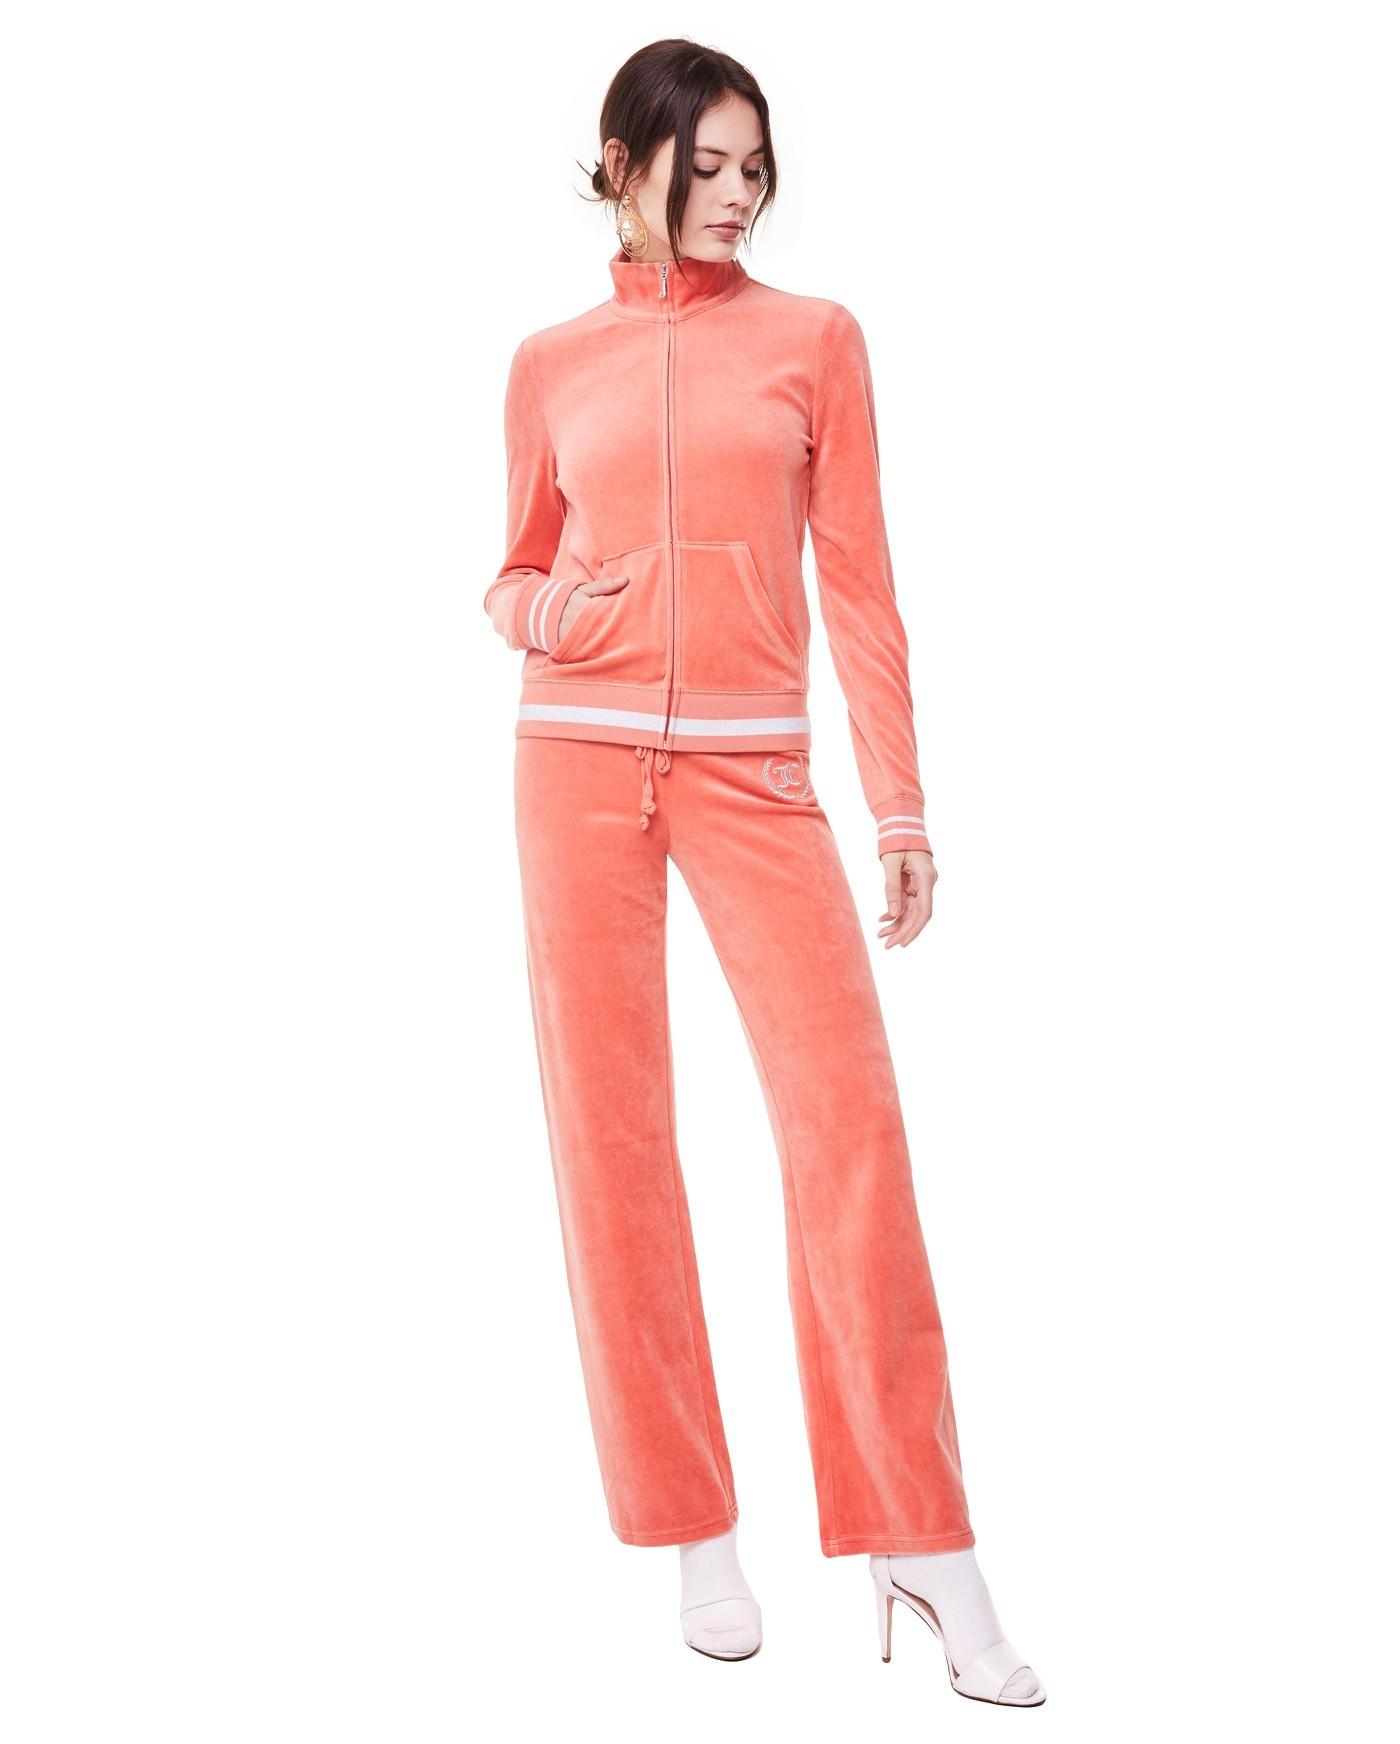 спортивный костюм женский модный 2018 2019: розовый велюровый